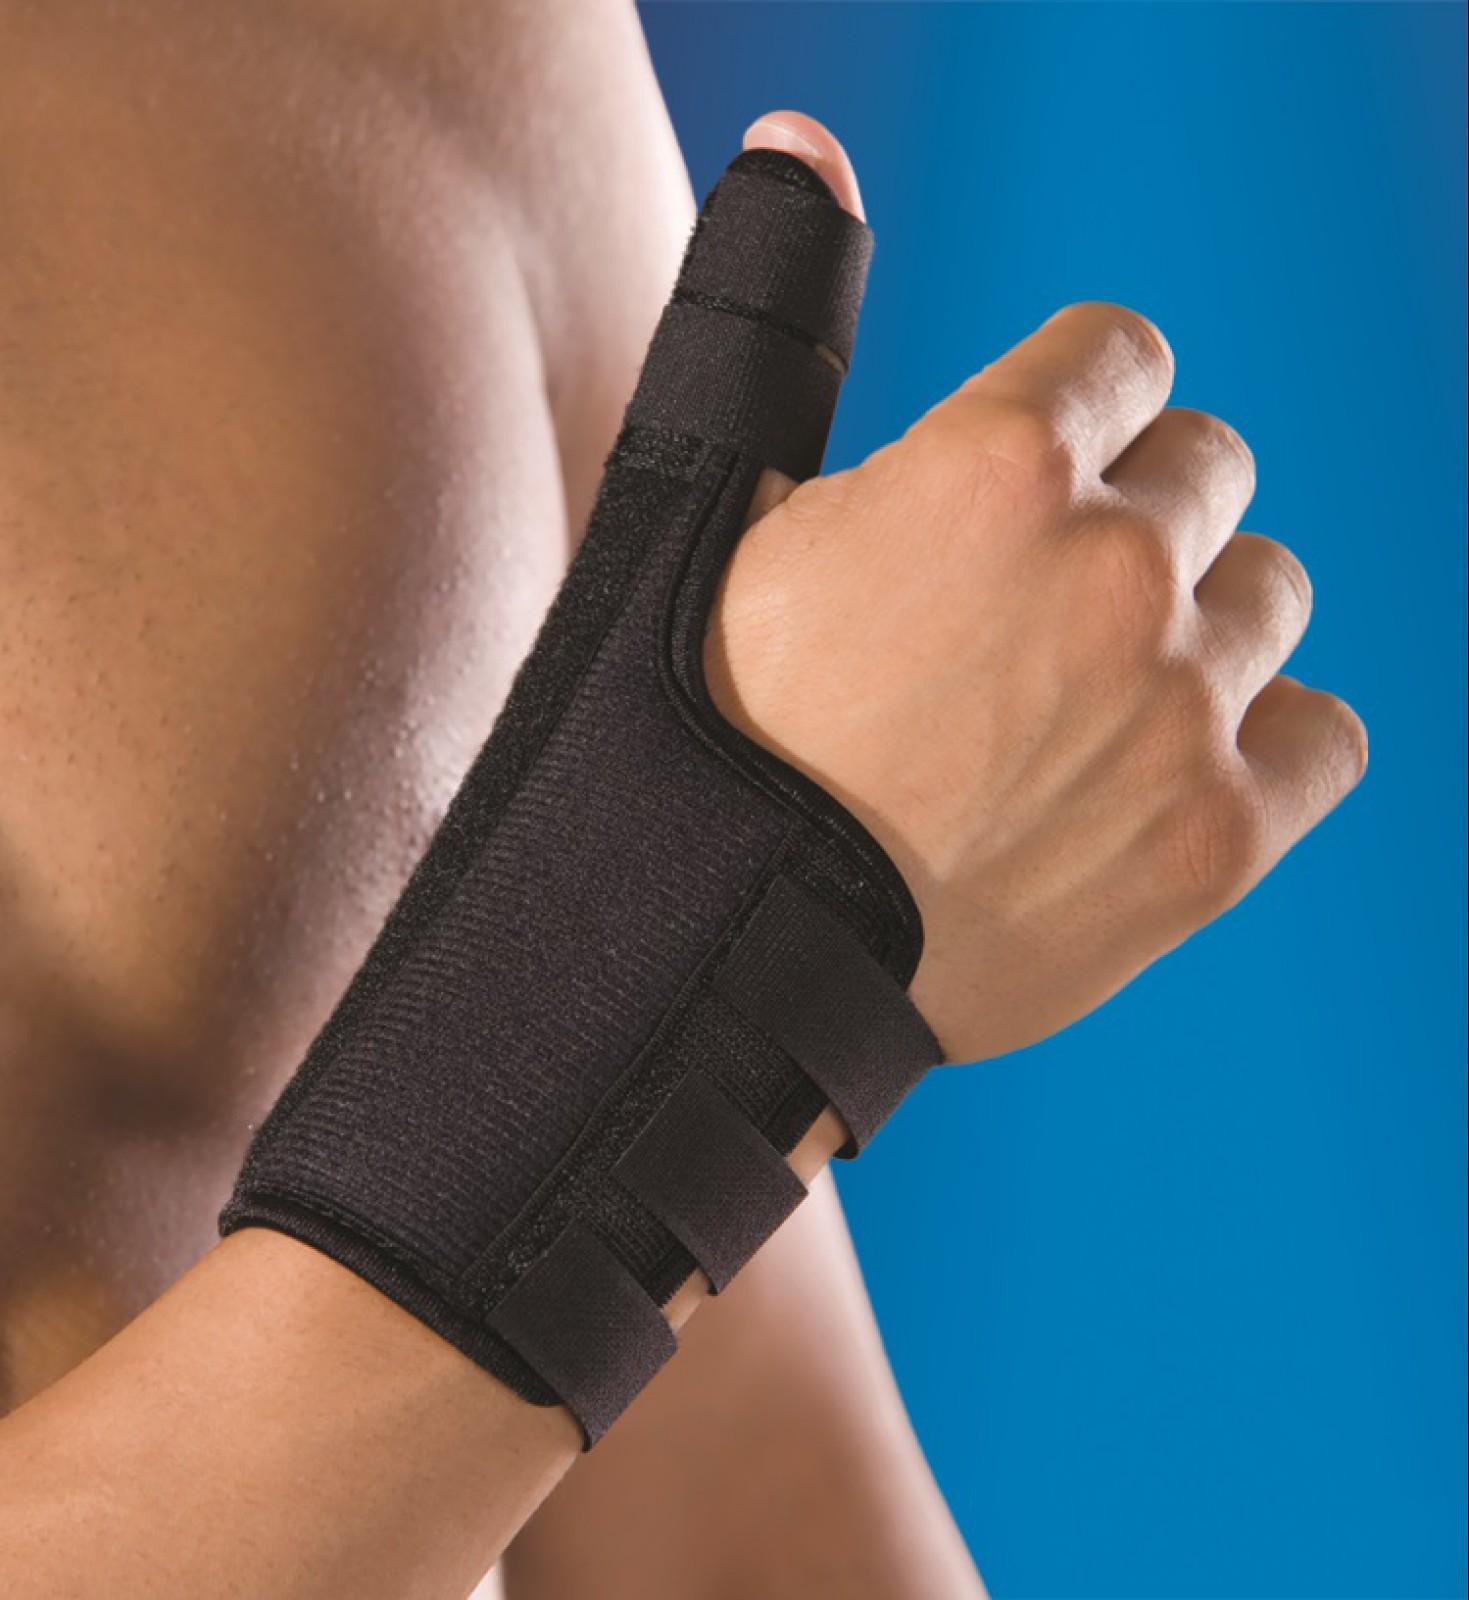 Elasztikus csukló és hüvelykujj rögzítő (GYAH0501)